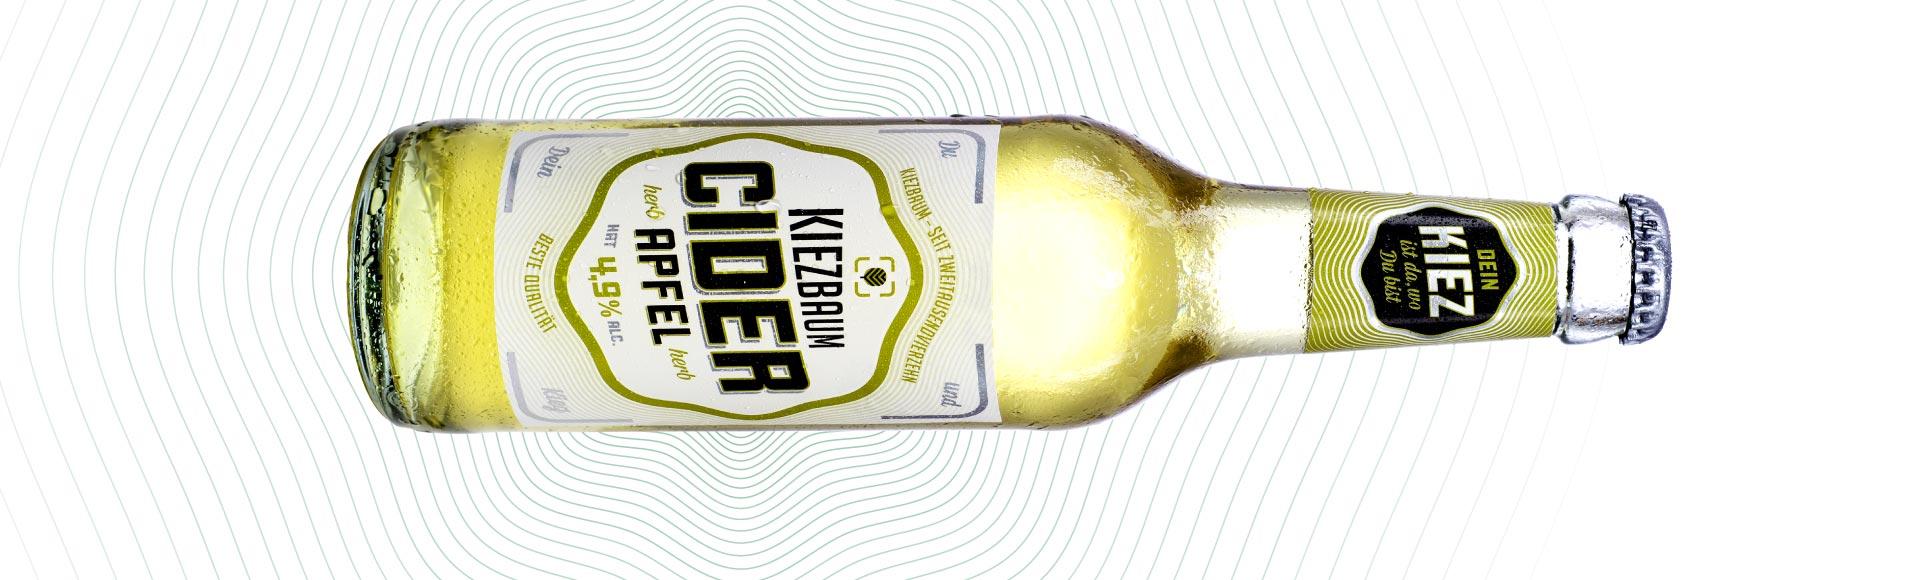 Herstellung_Kiezbaum_Cider_Apfel_1